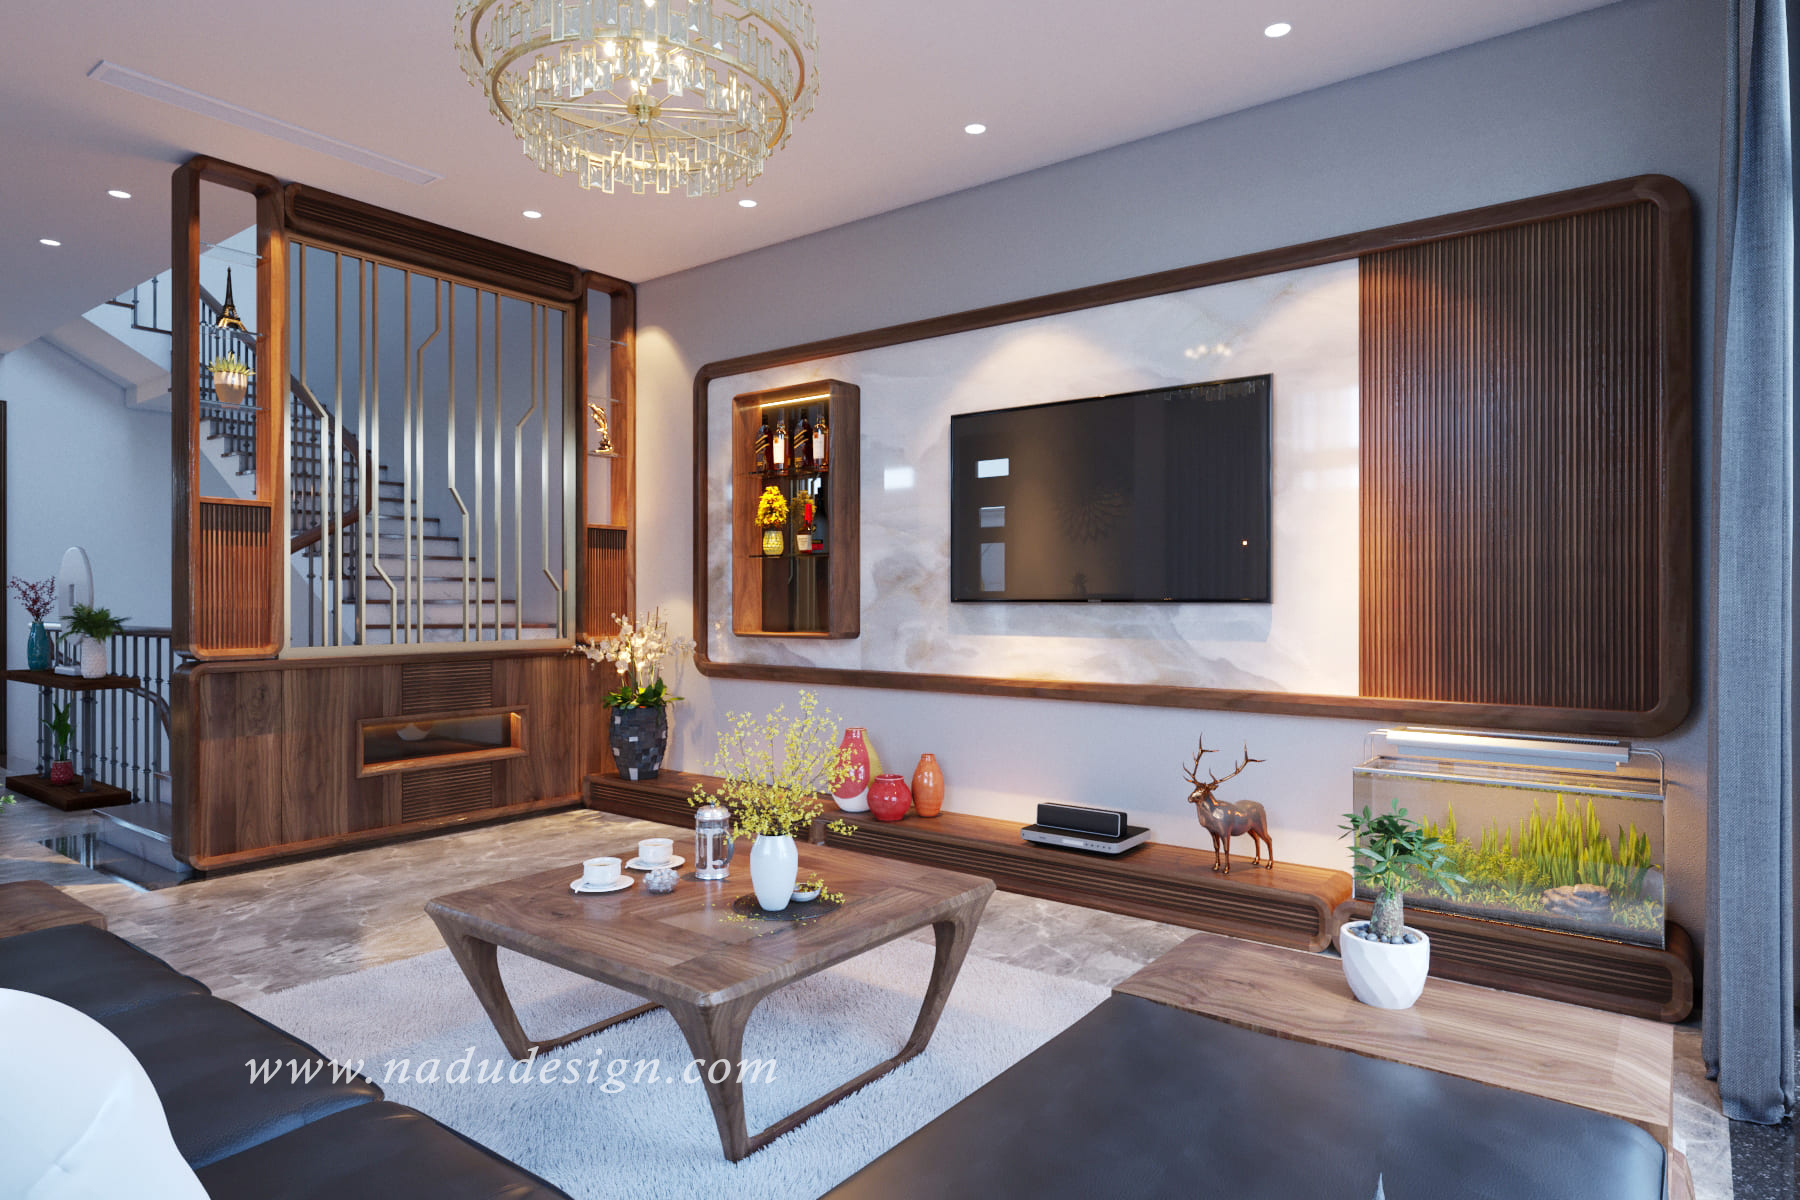 Thiết kế nội thất biệt thự liền kề Vinhome Green Bay đẳng cấp với gỗ óc chó